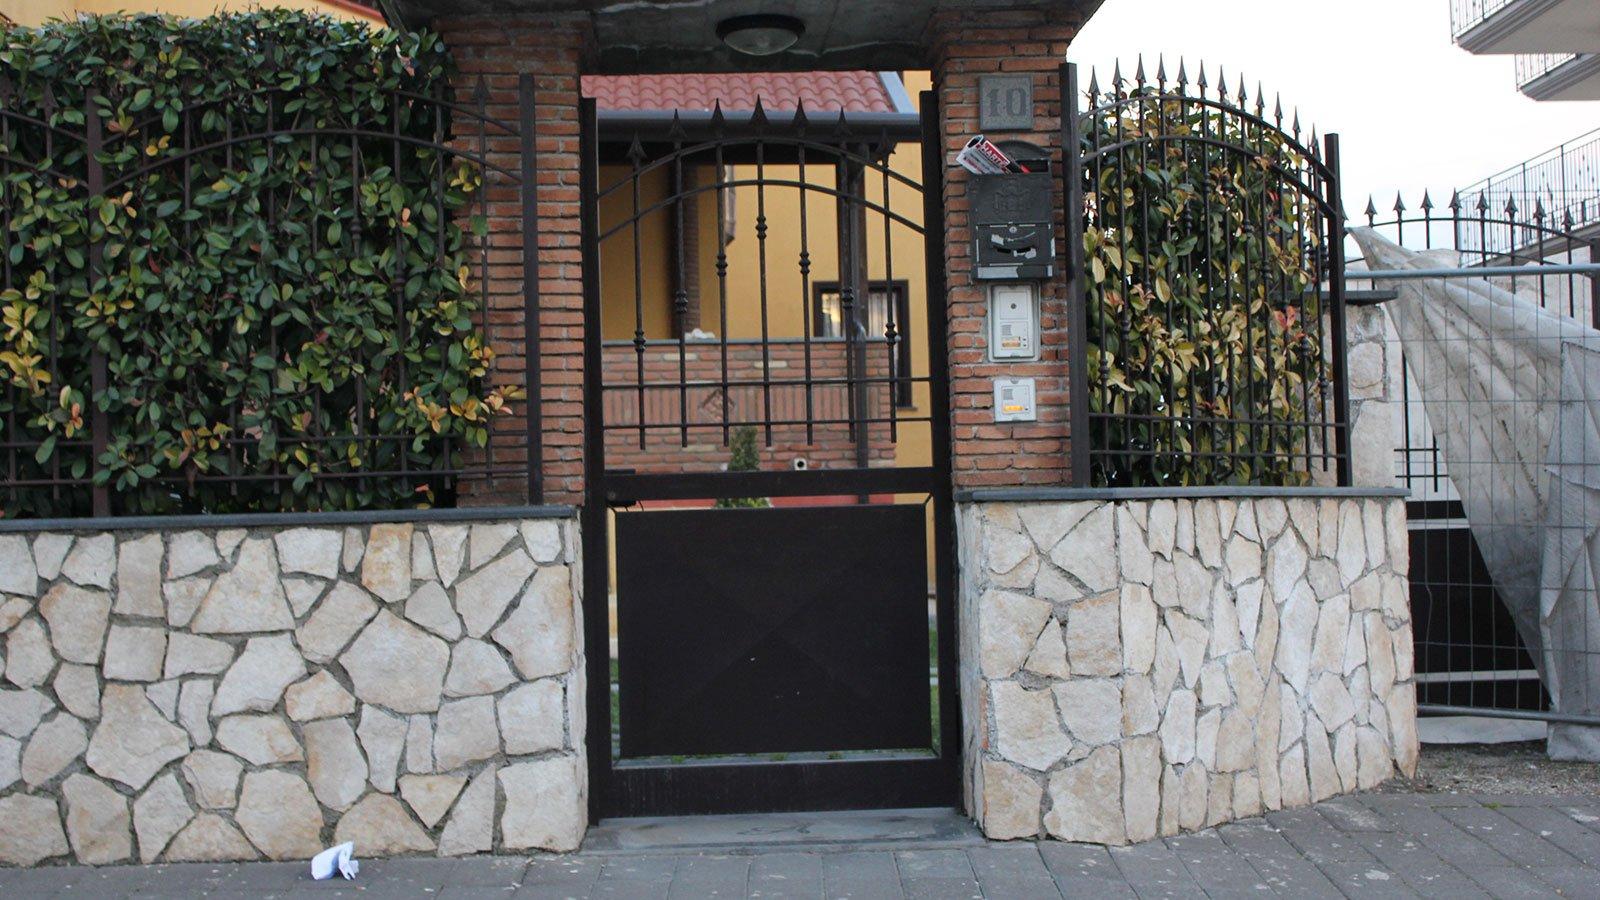 un cancello e una ringhiera in metallo